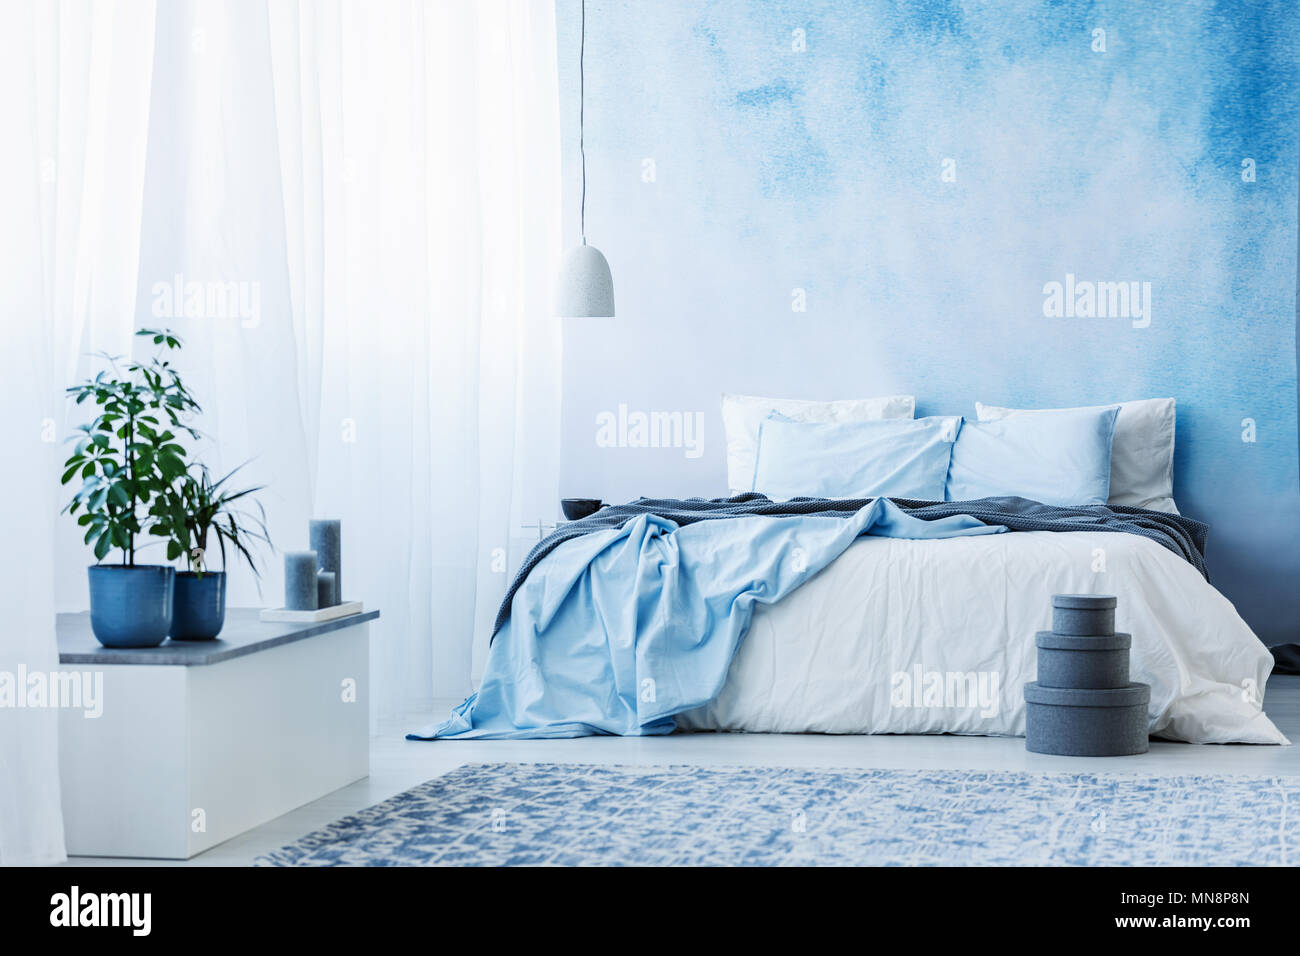 Himmel Blau Schlafzimmer Mit Doppelbett Pflanzen Und Graue Kasten